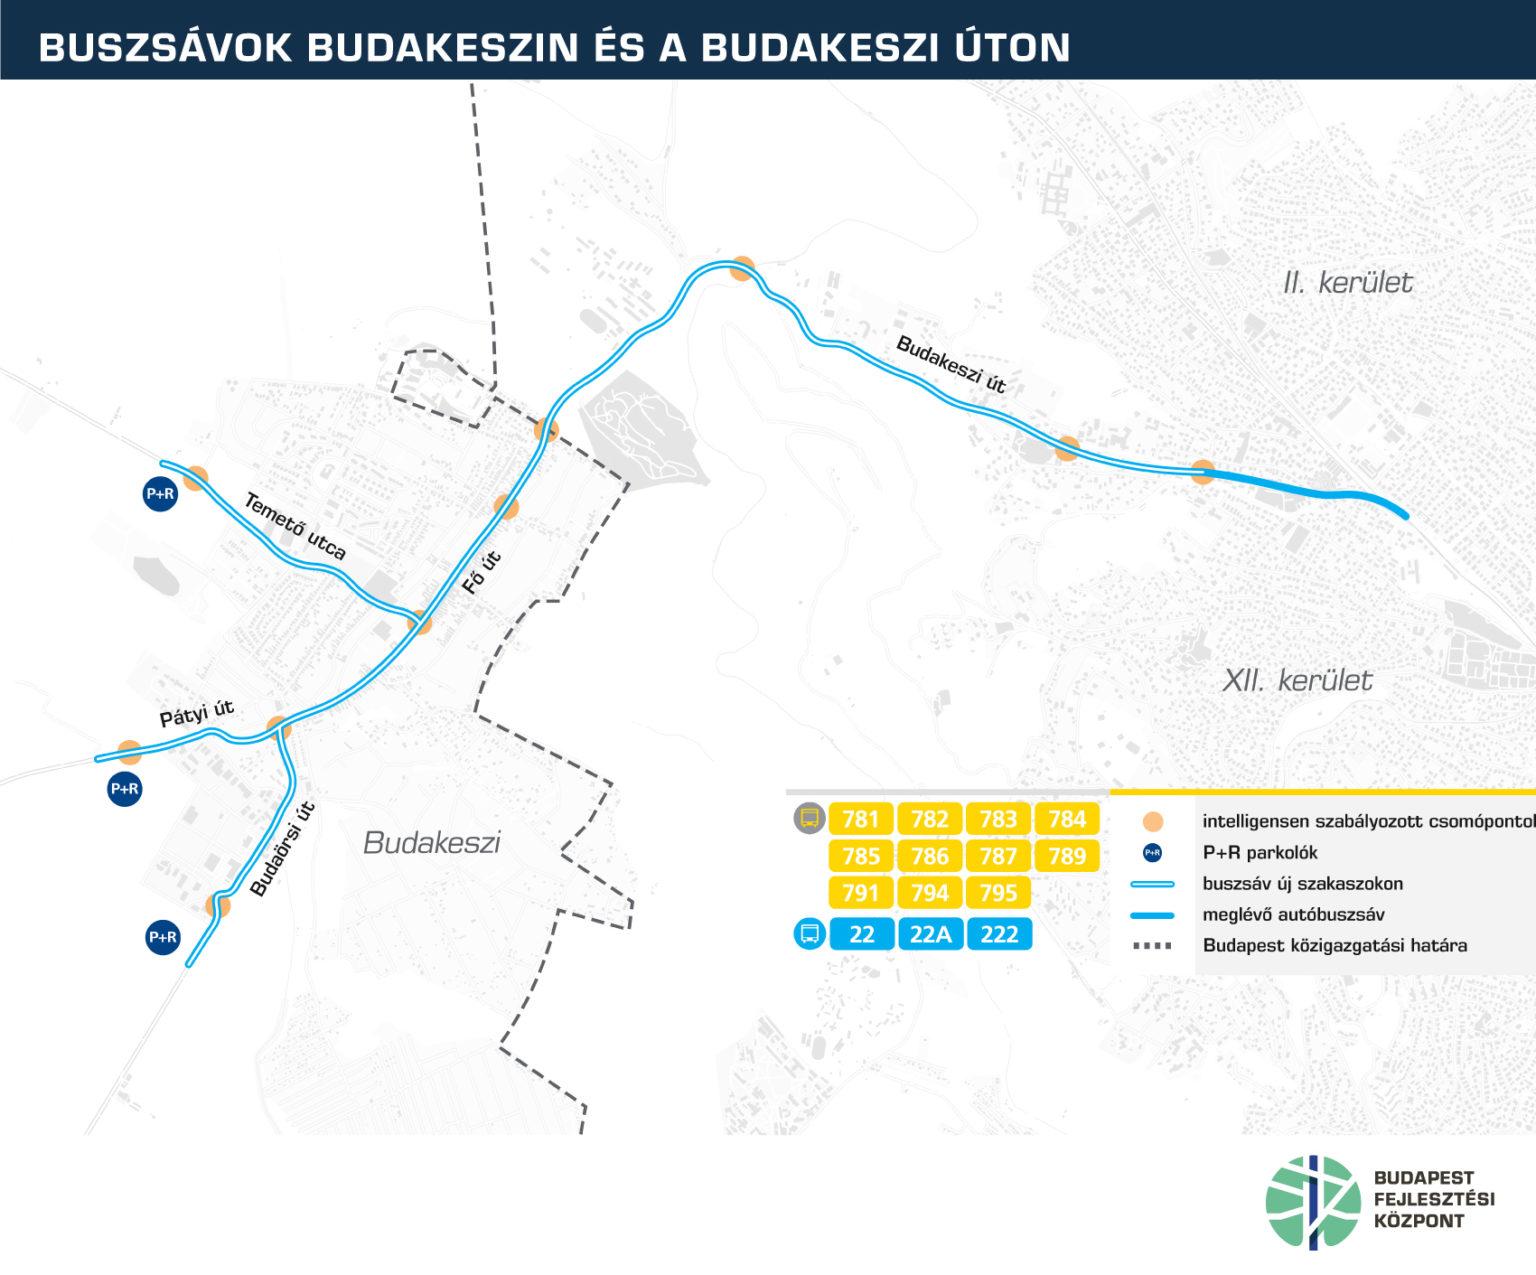 A budakeszi buszsáv fejlesztési elképzelései.